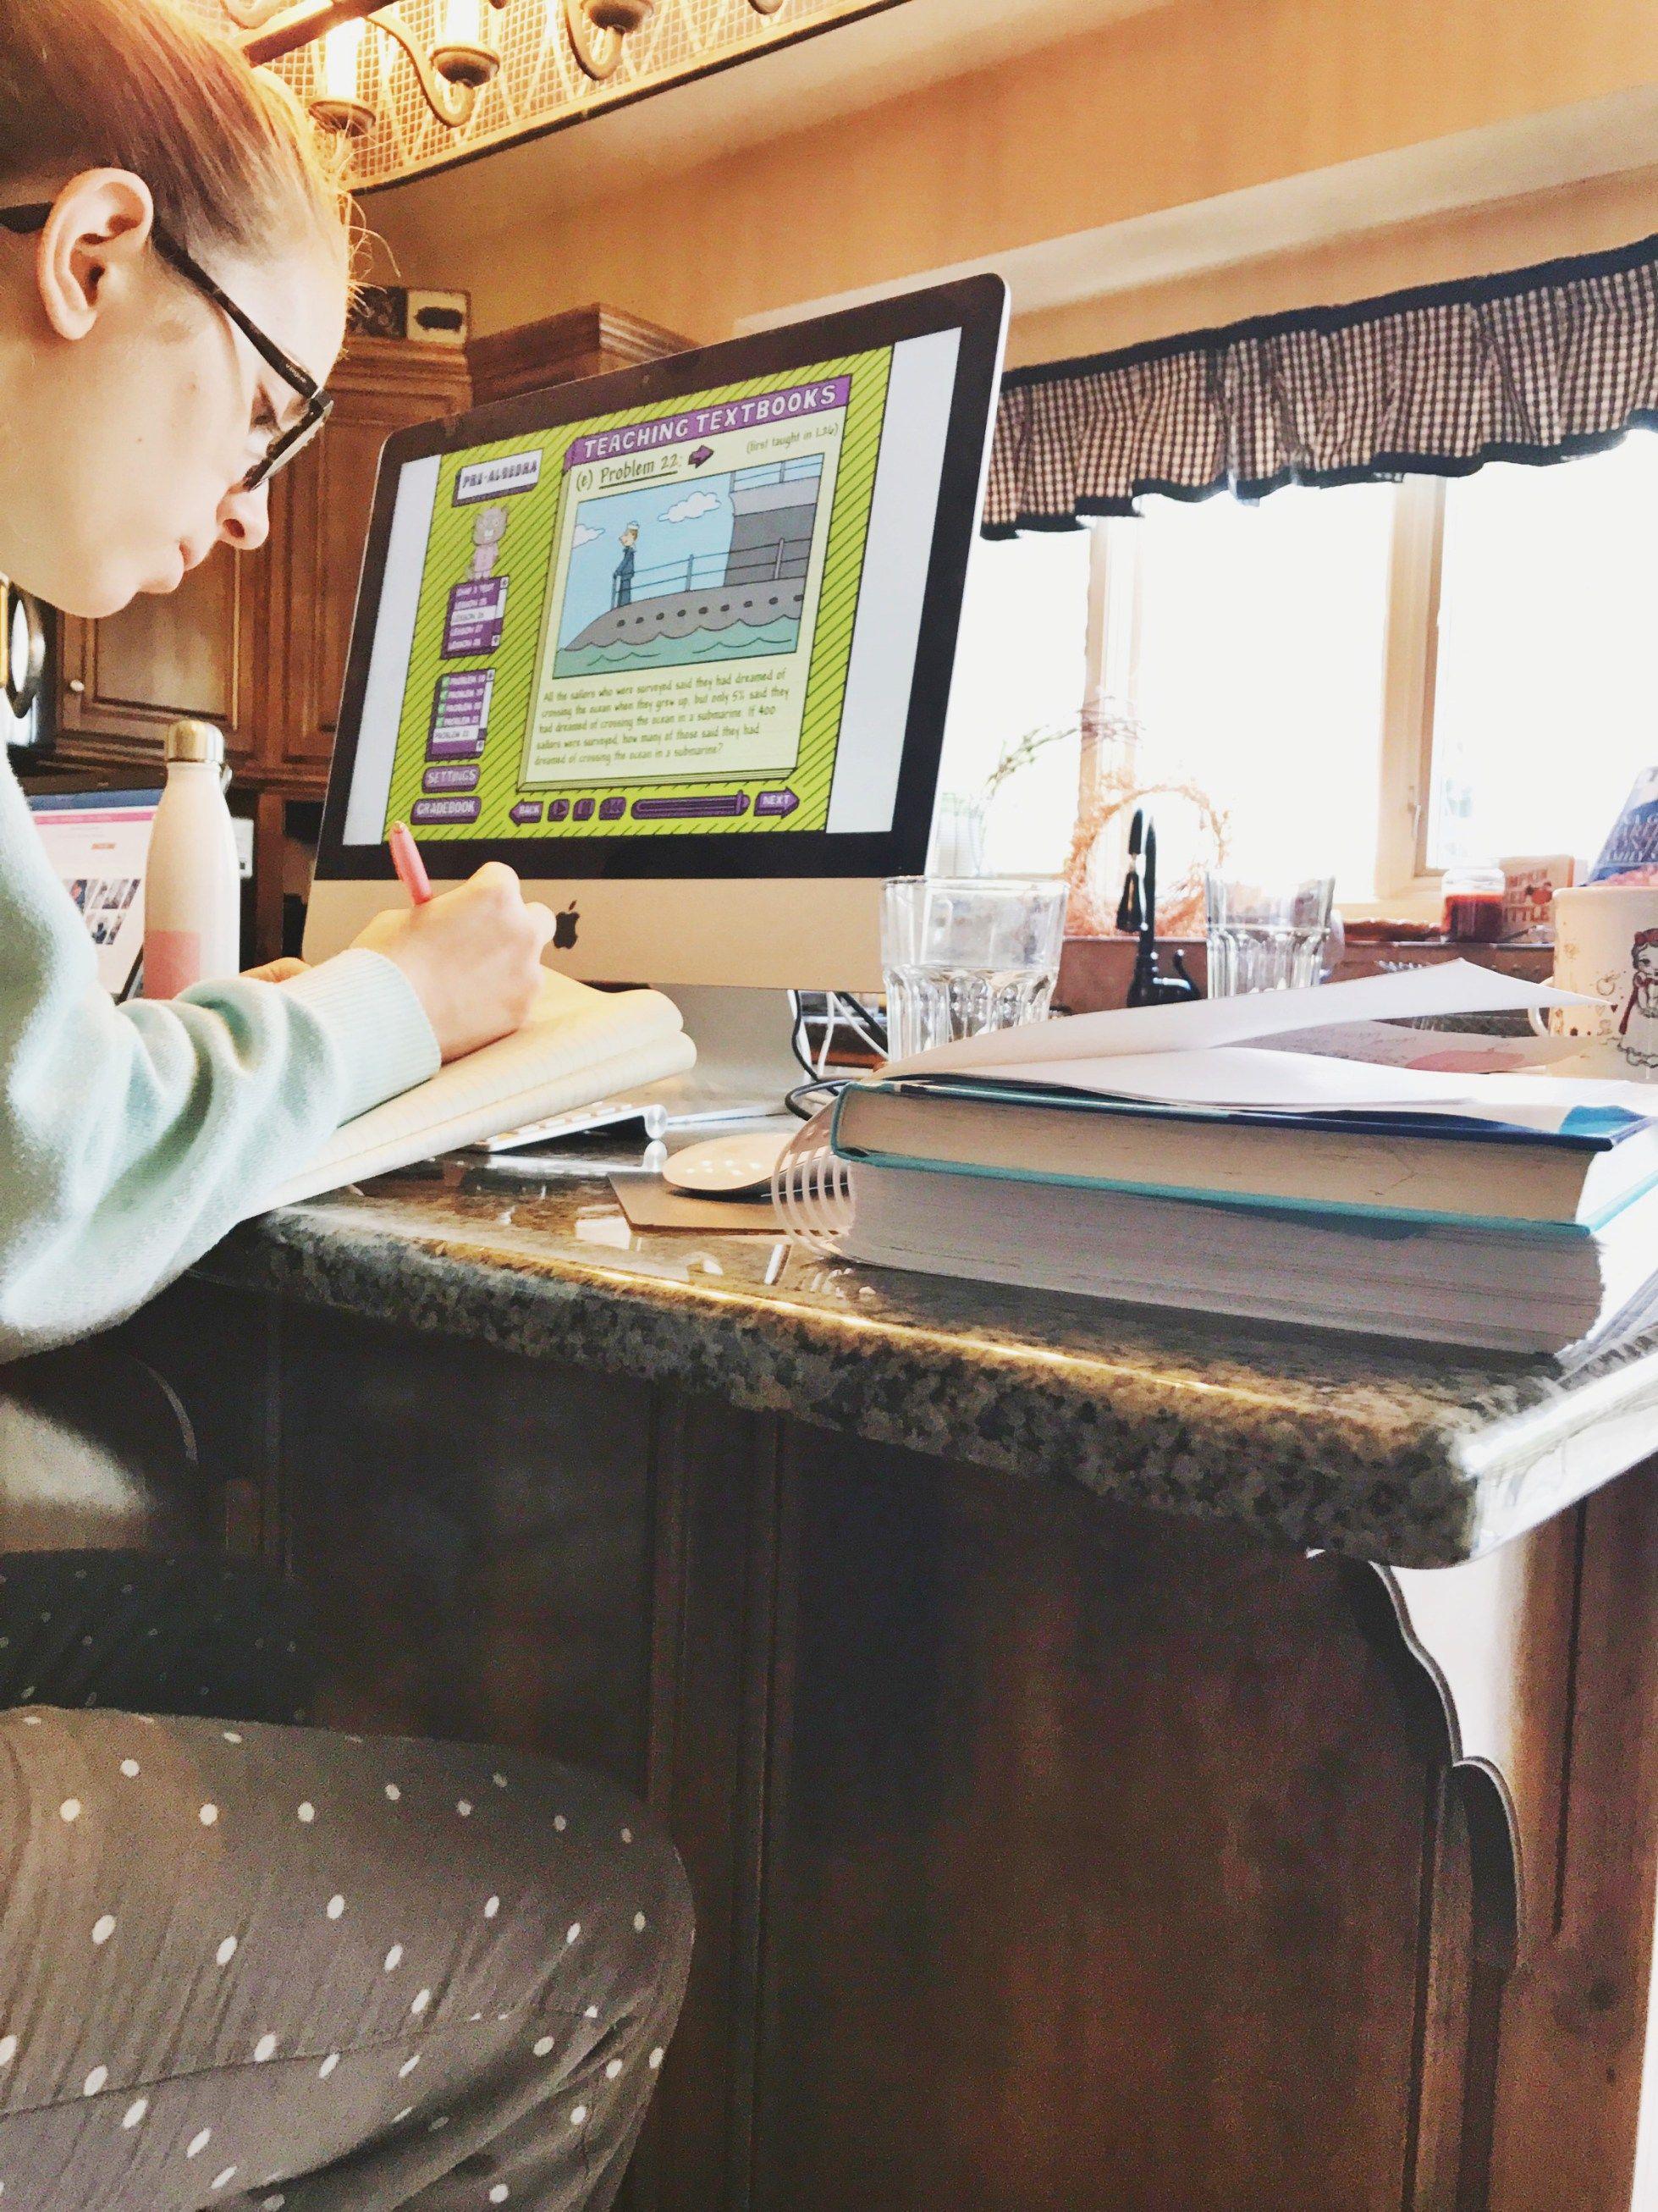 Saxon Math And Teaching Textbooks